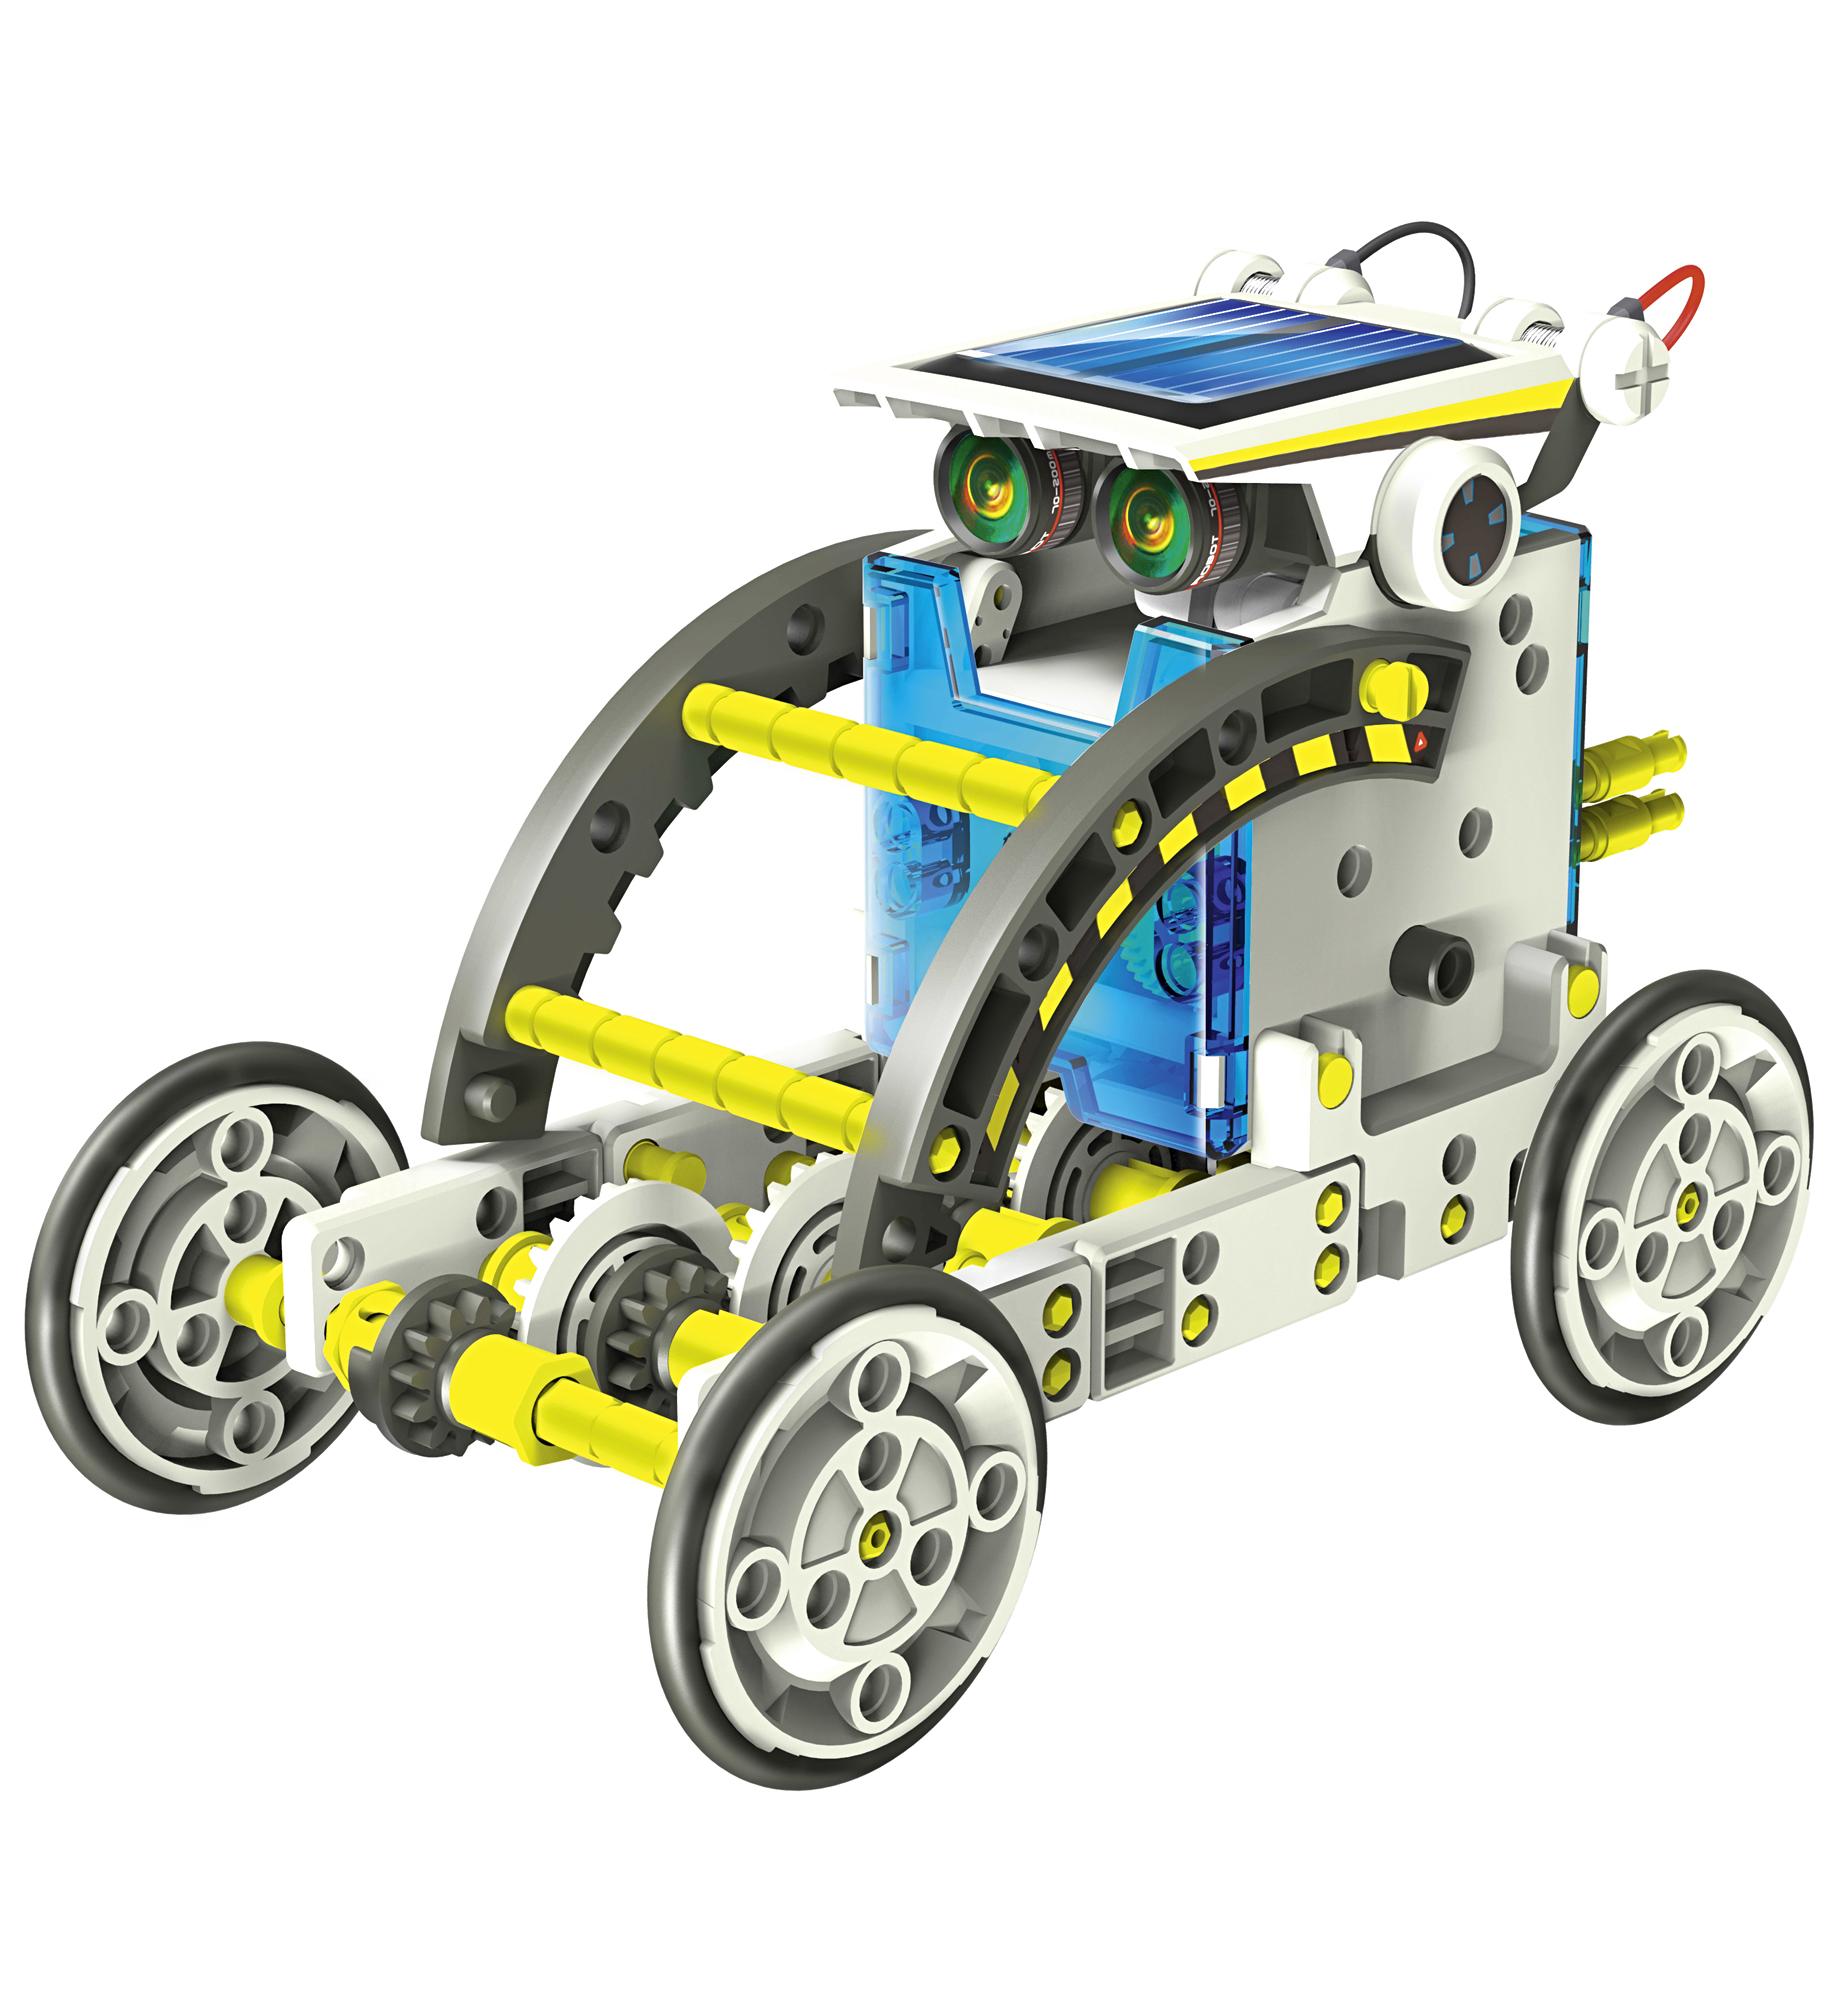 Bausatz 14 in 1 Solar-Roboter